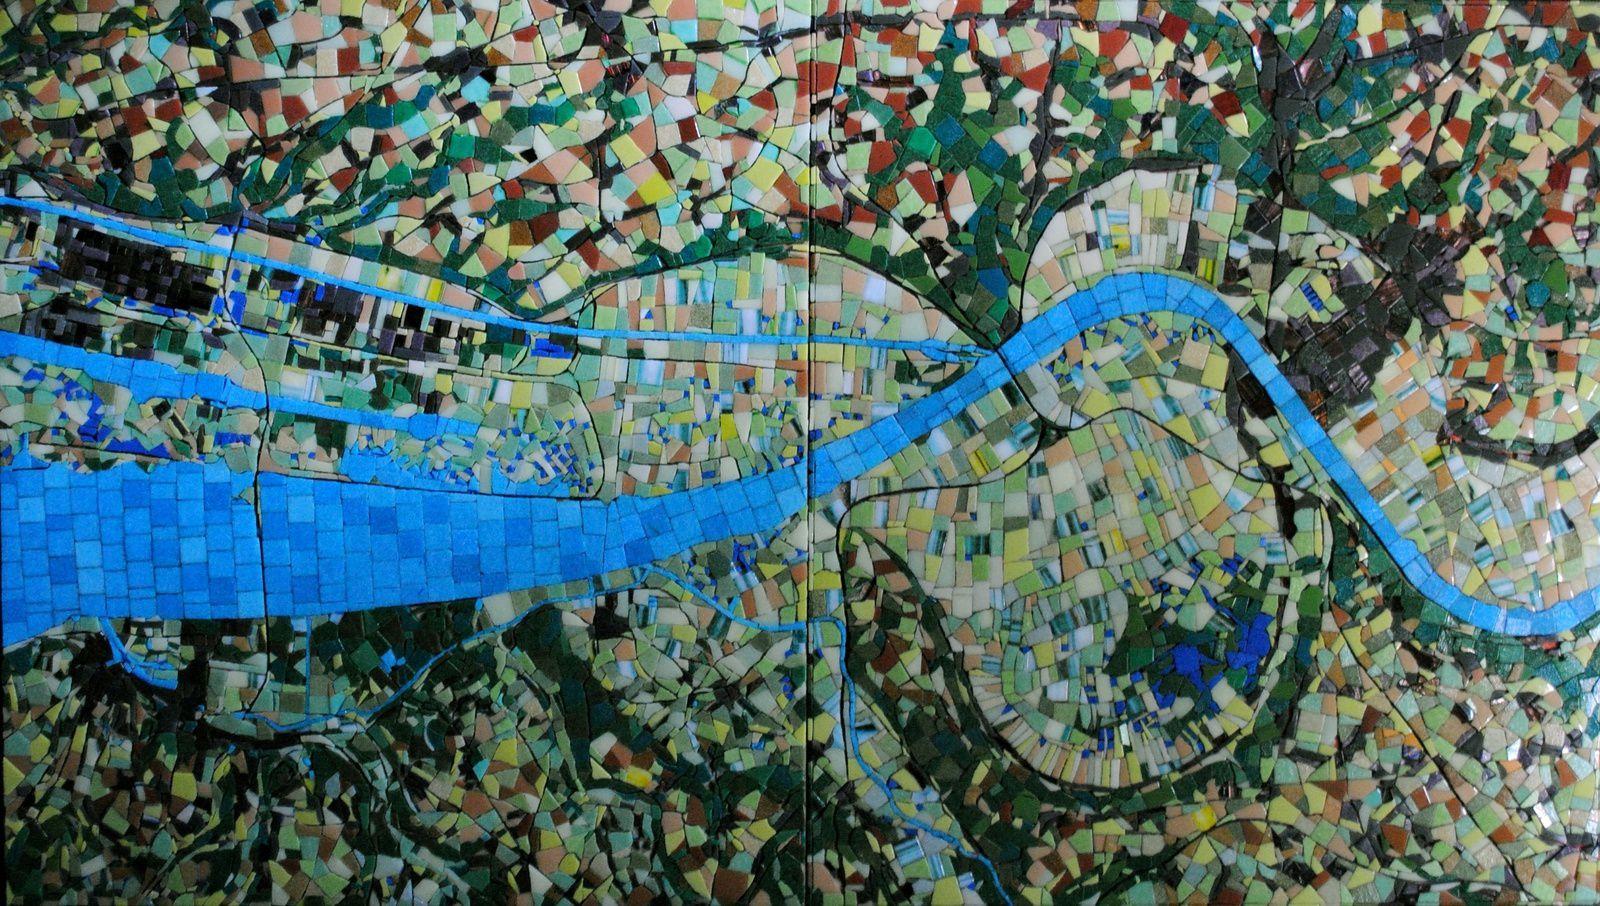 la situation du marais vernier dans l'estuaire de la Seine